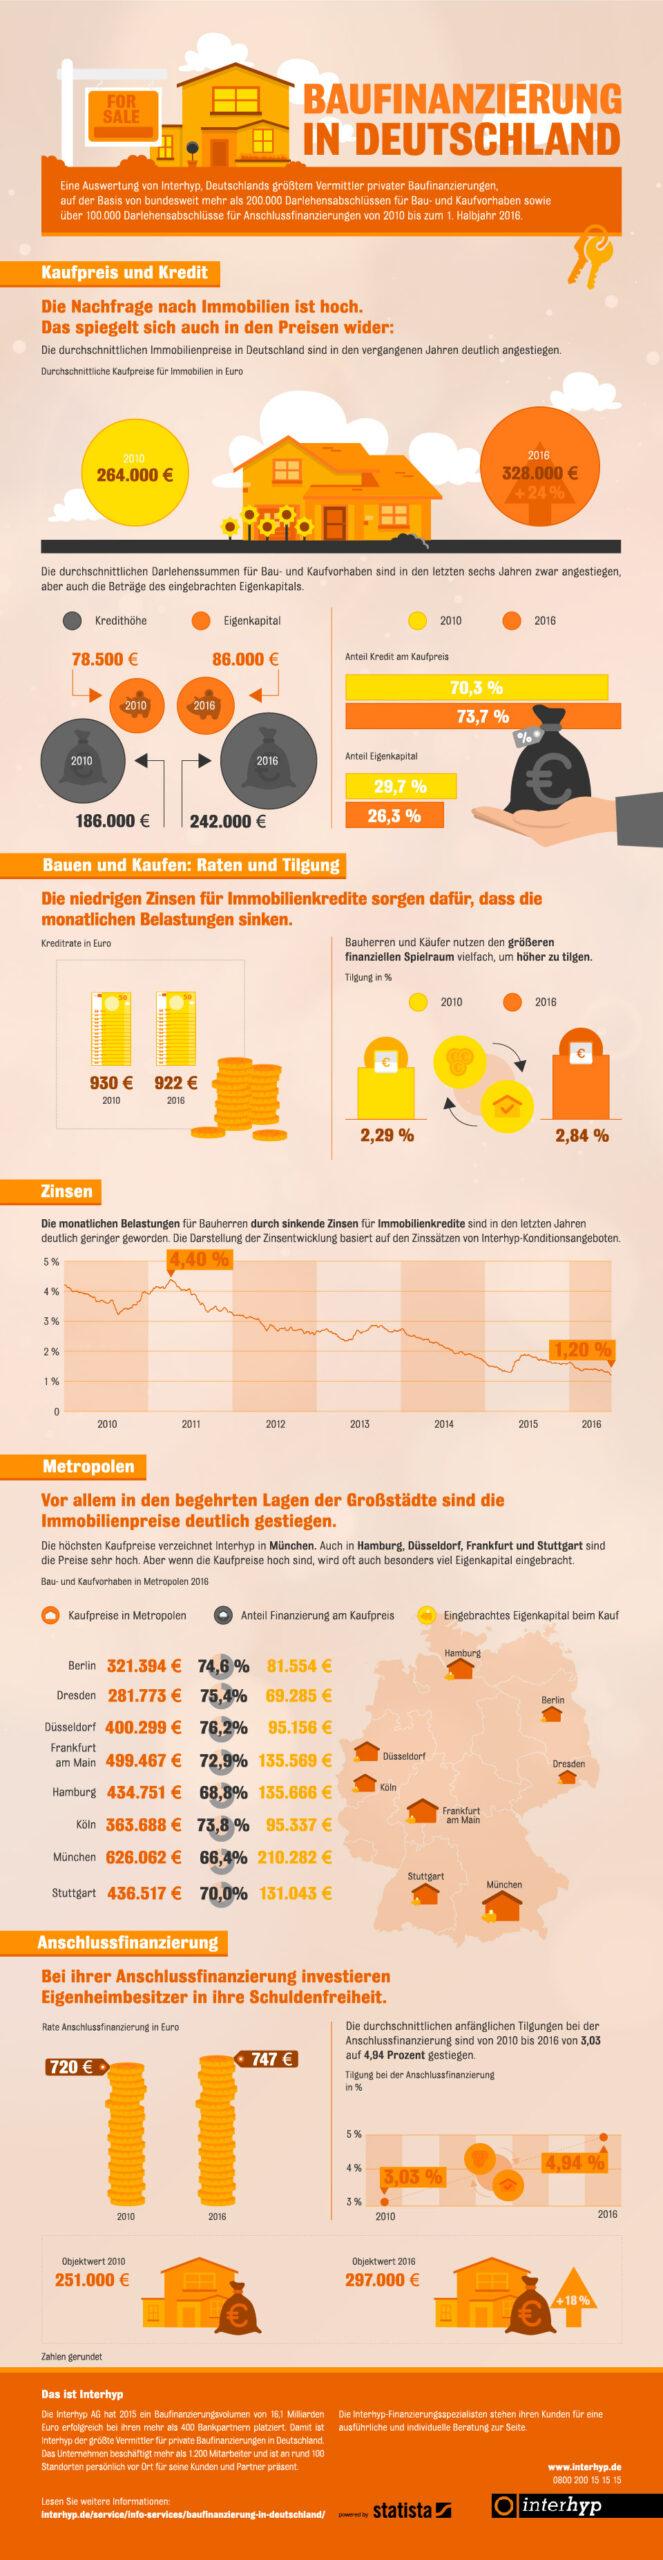 Infografik: Baufinanzierung in Deutschland